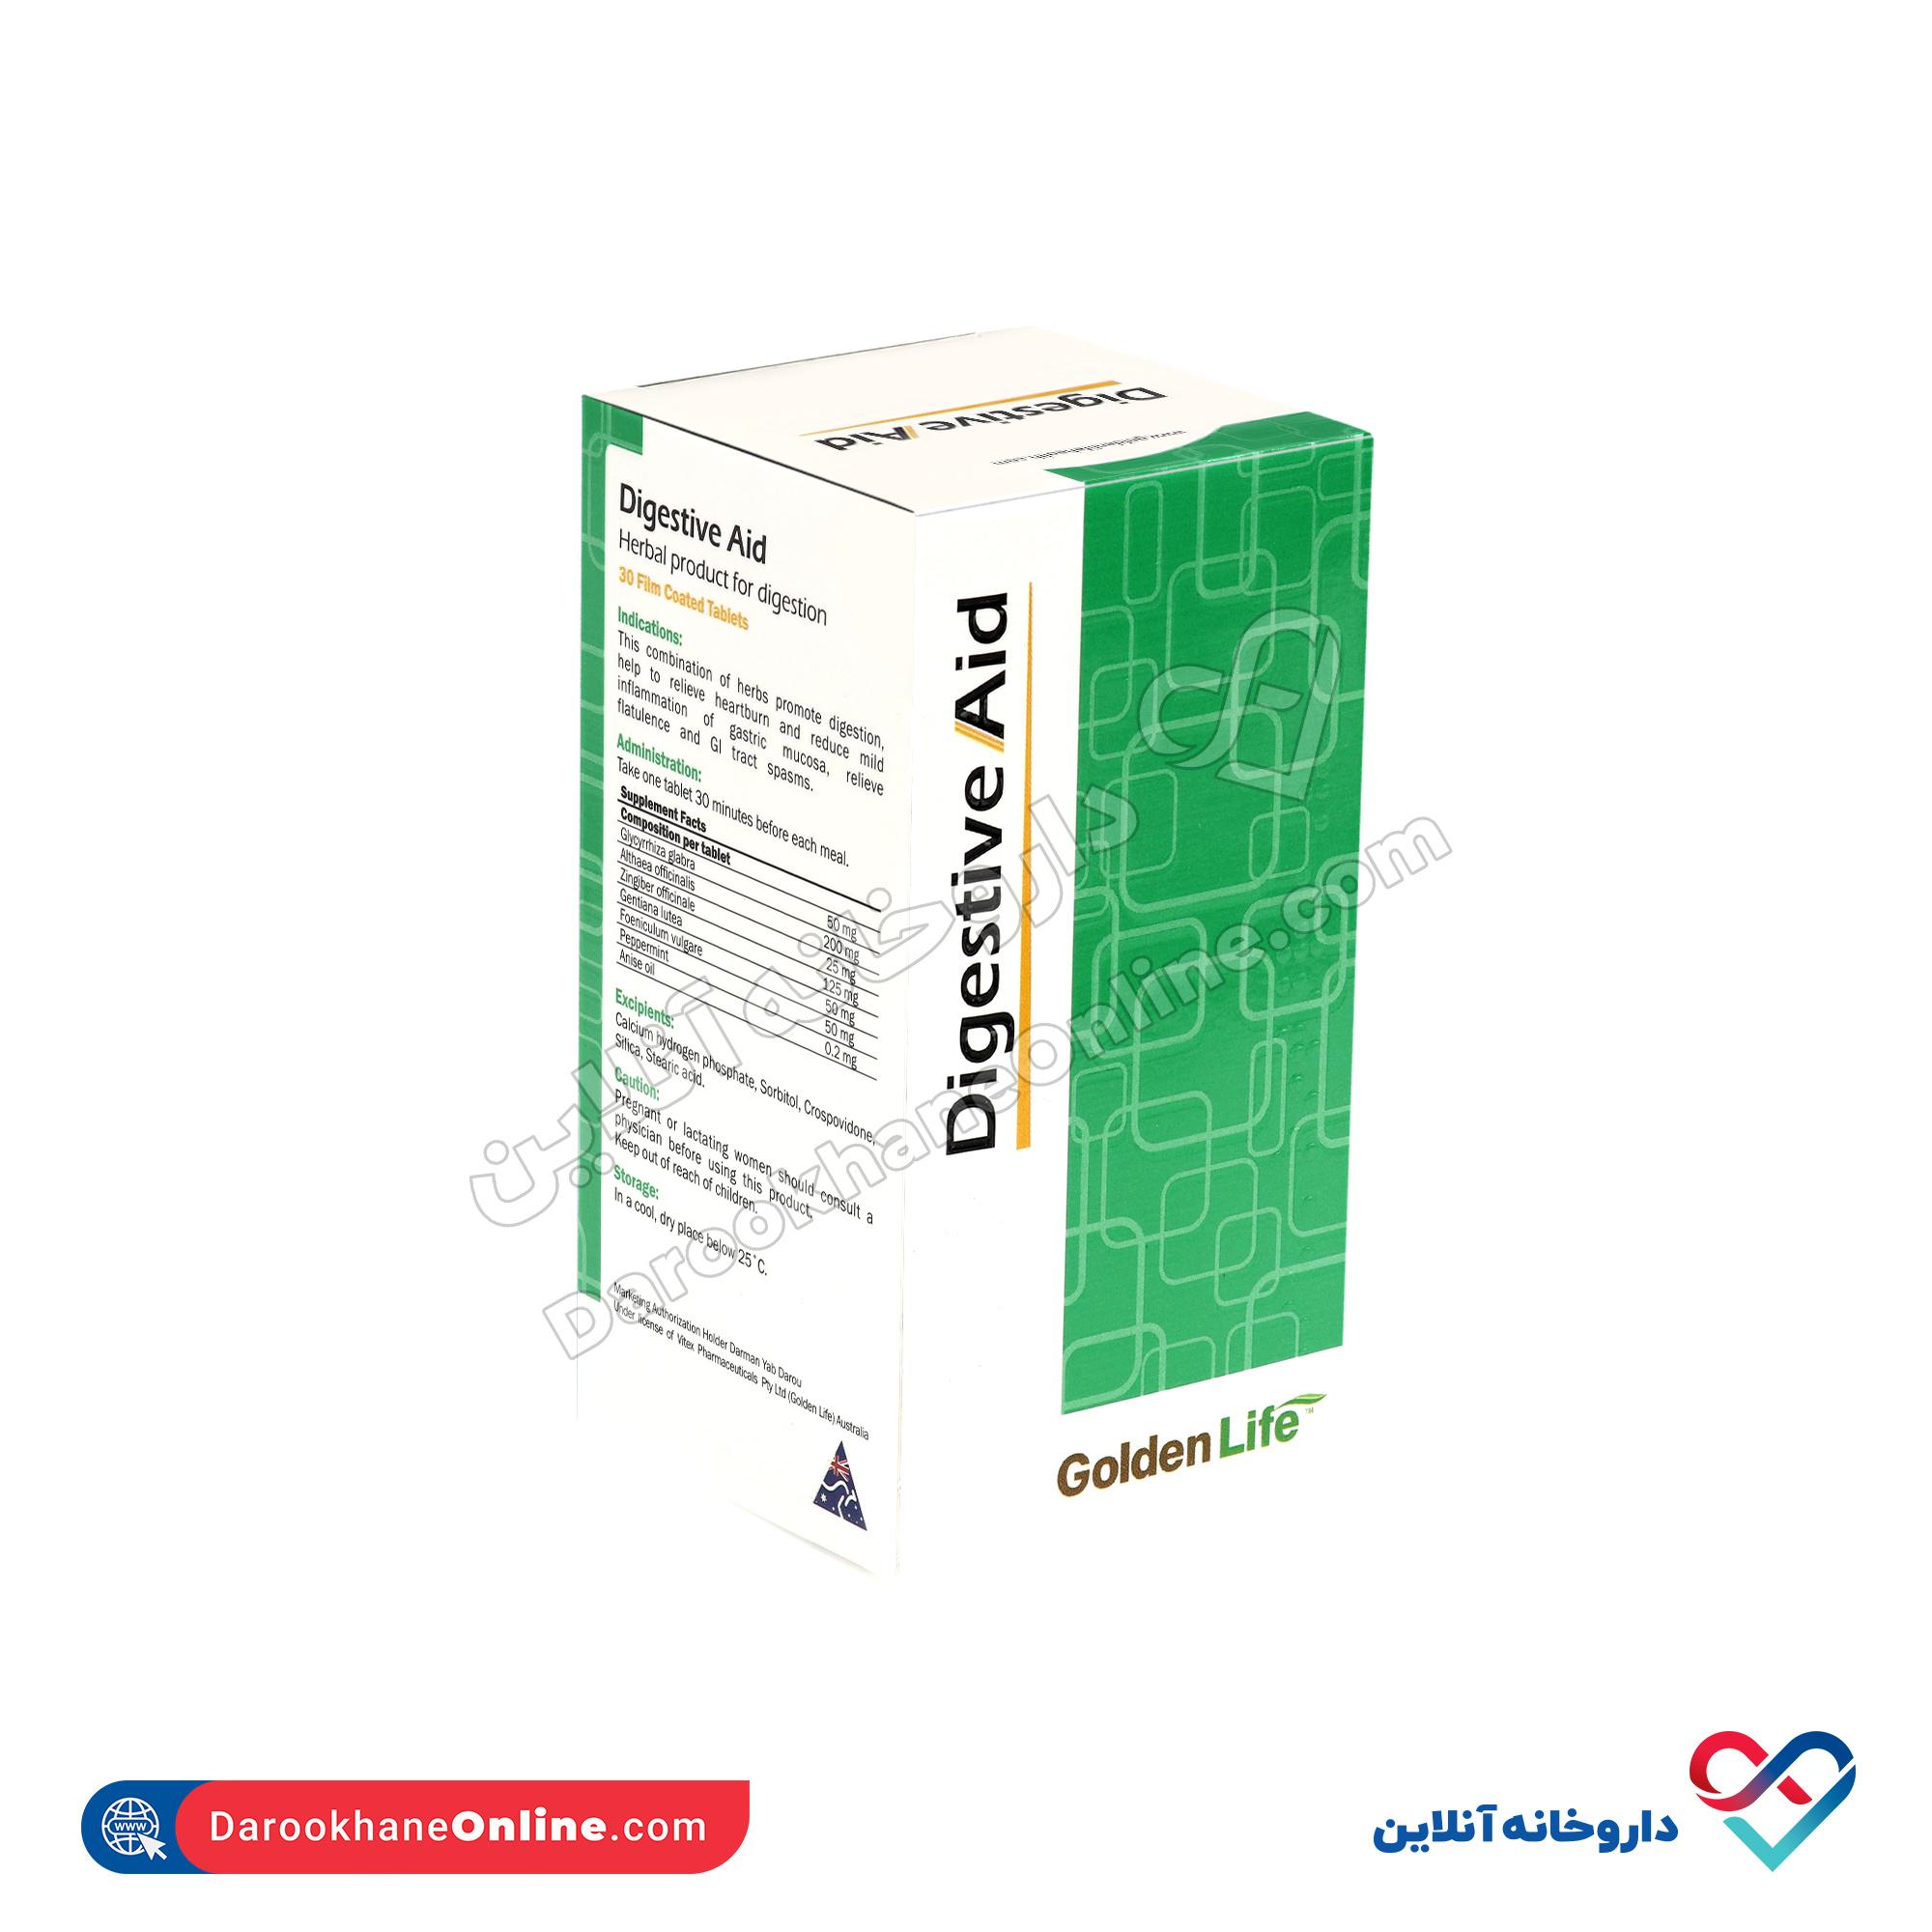 قرص دایجستیو اید گلدن لایف | 30 قرص | رفع سوء هاضمه و نفخ، کاهش درد معده